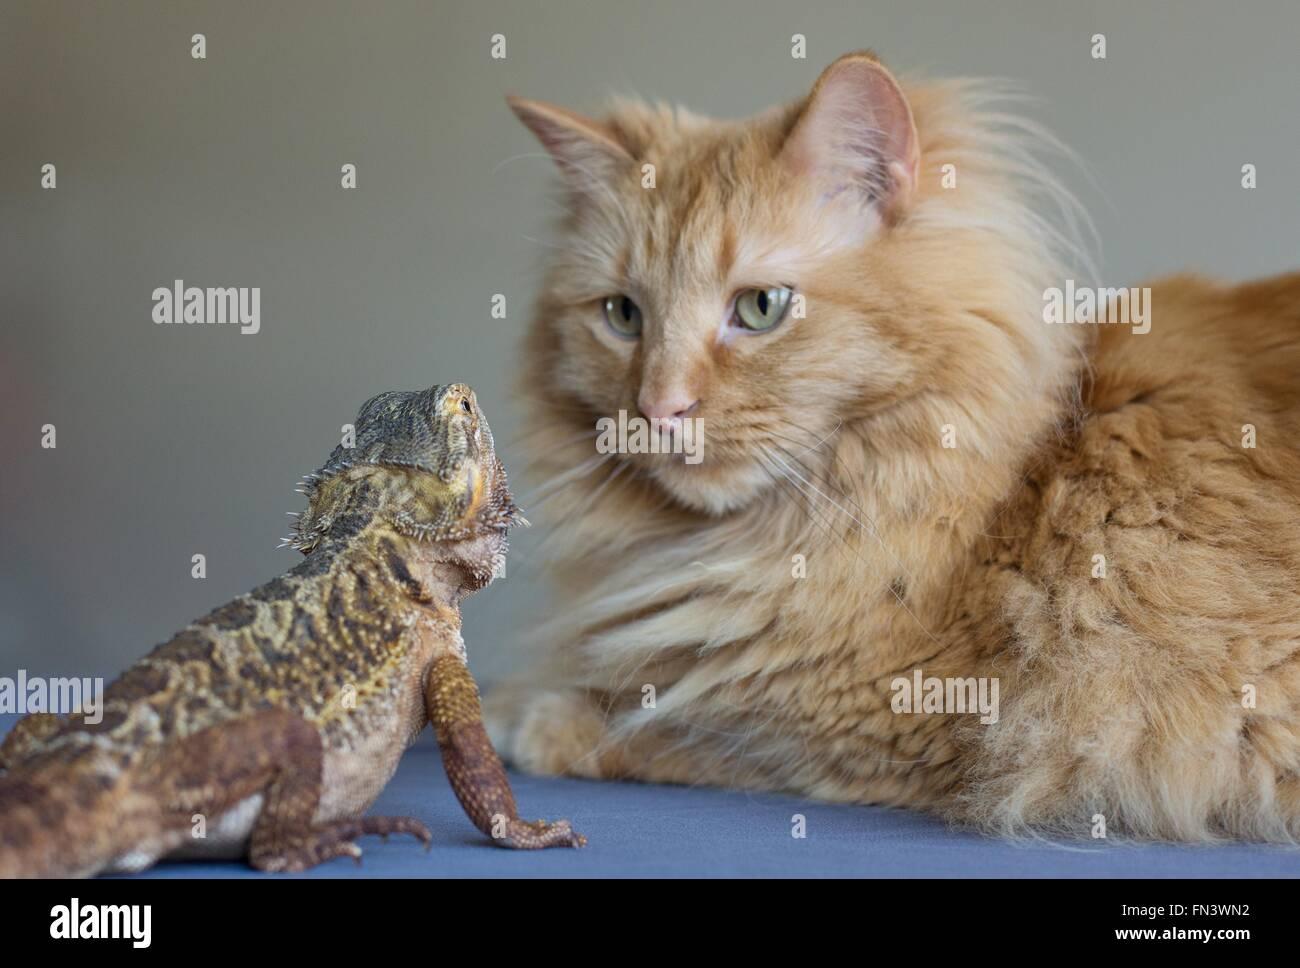 Eine Katze und eine Bartagame einander betrachtend. Stockbild